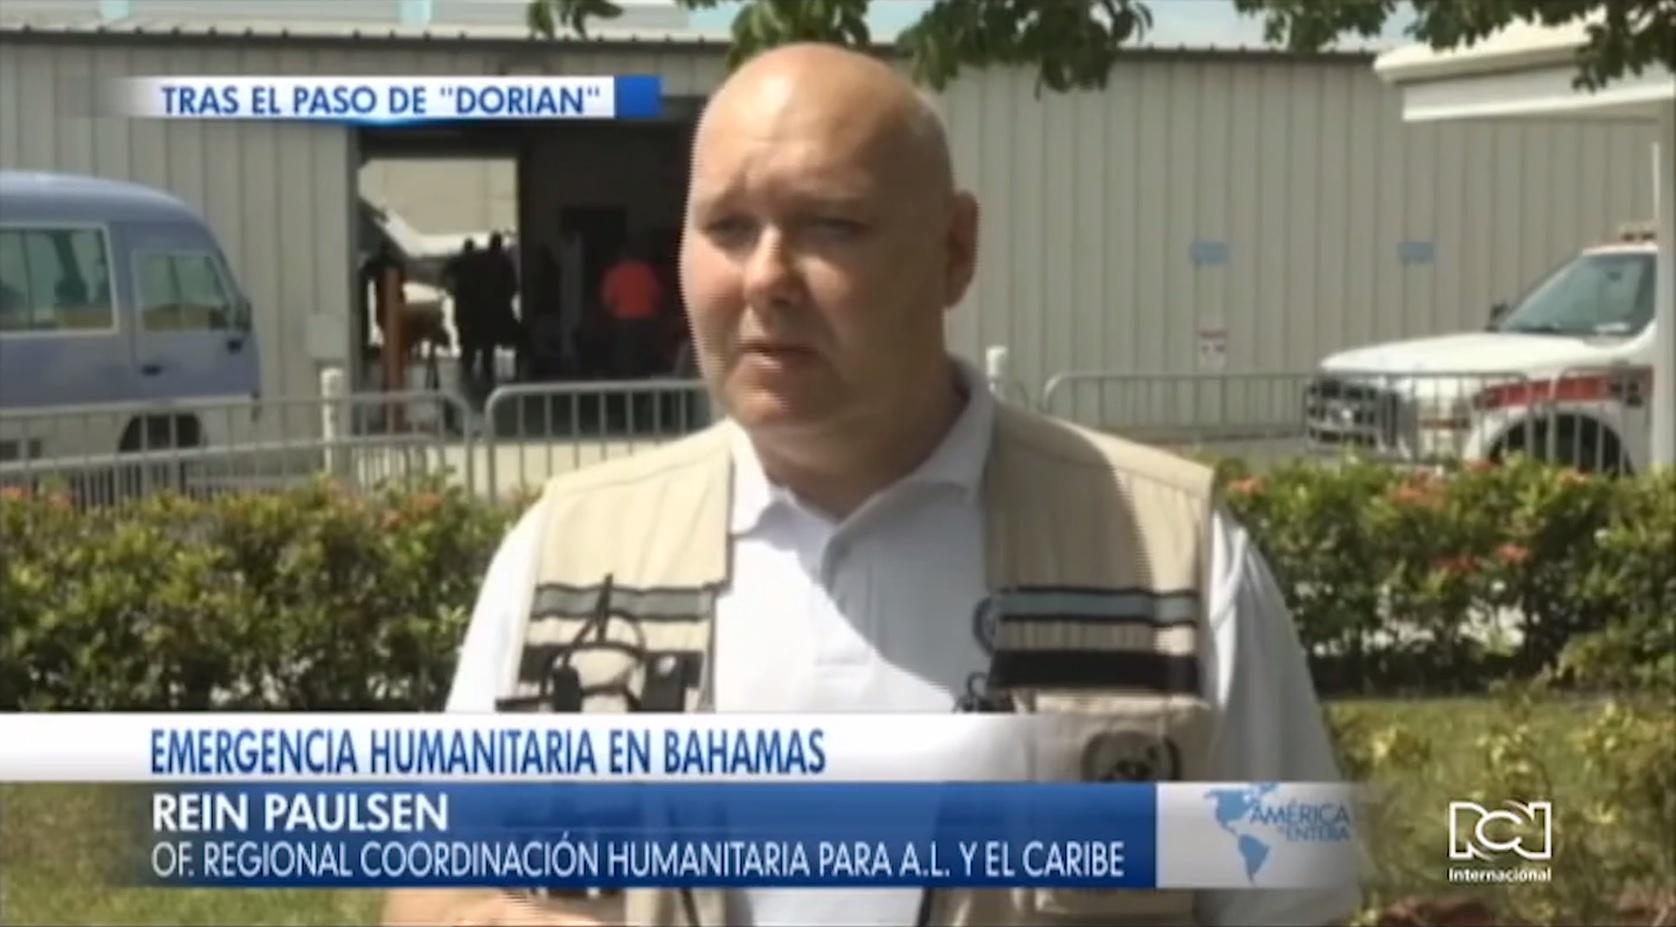 ONU inició la entrega de ayuda humanitaria tras el paso de Dorian por Bahamas